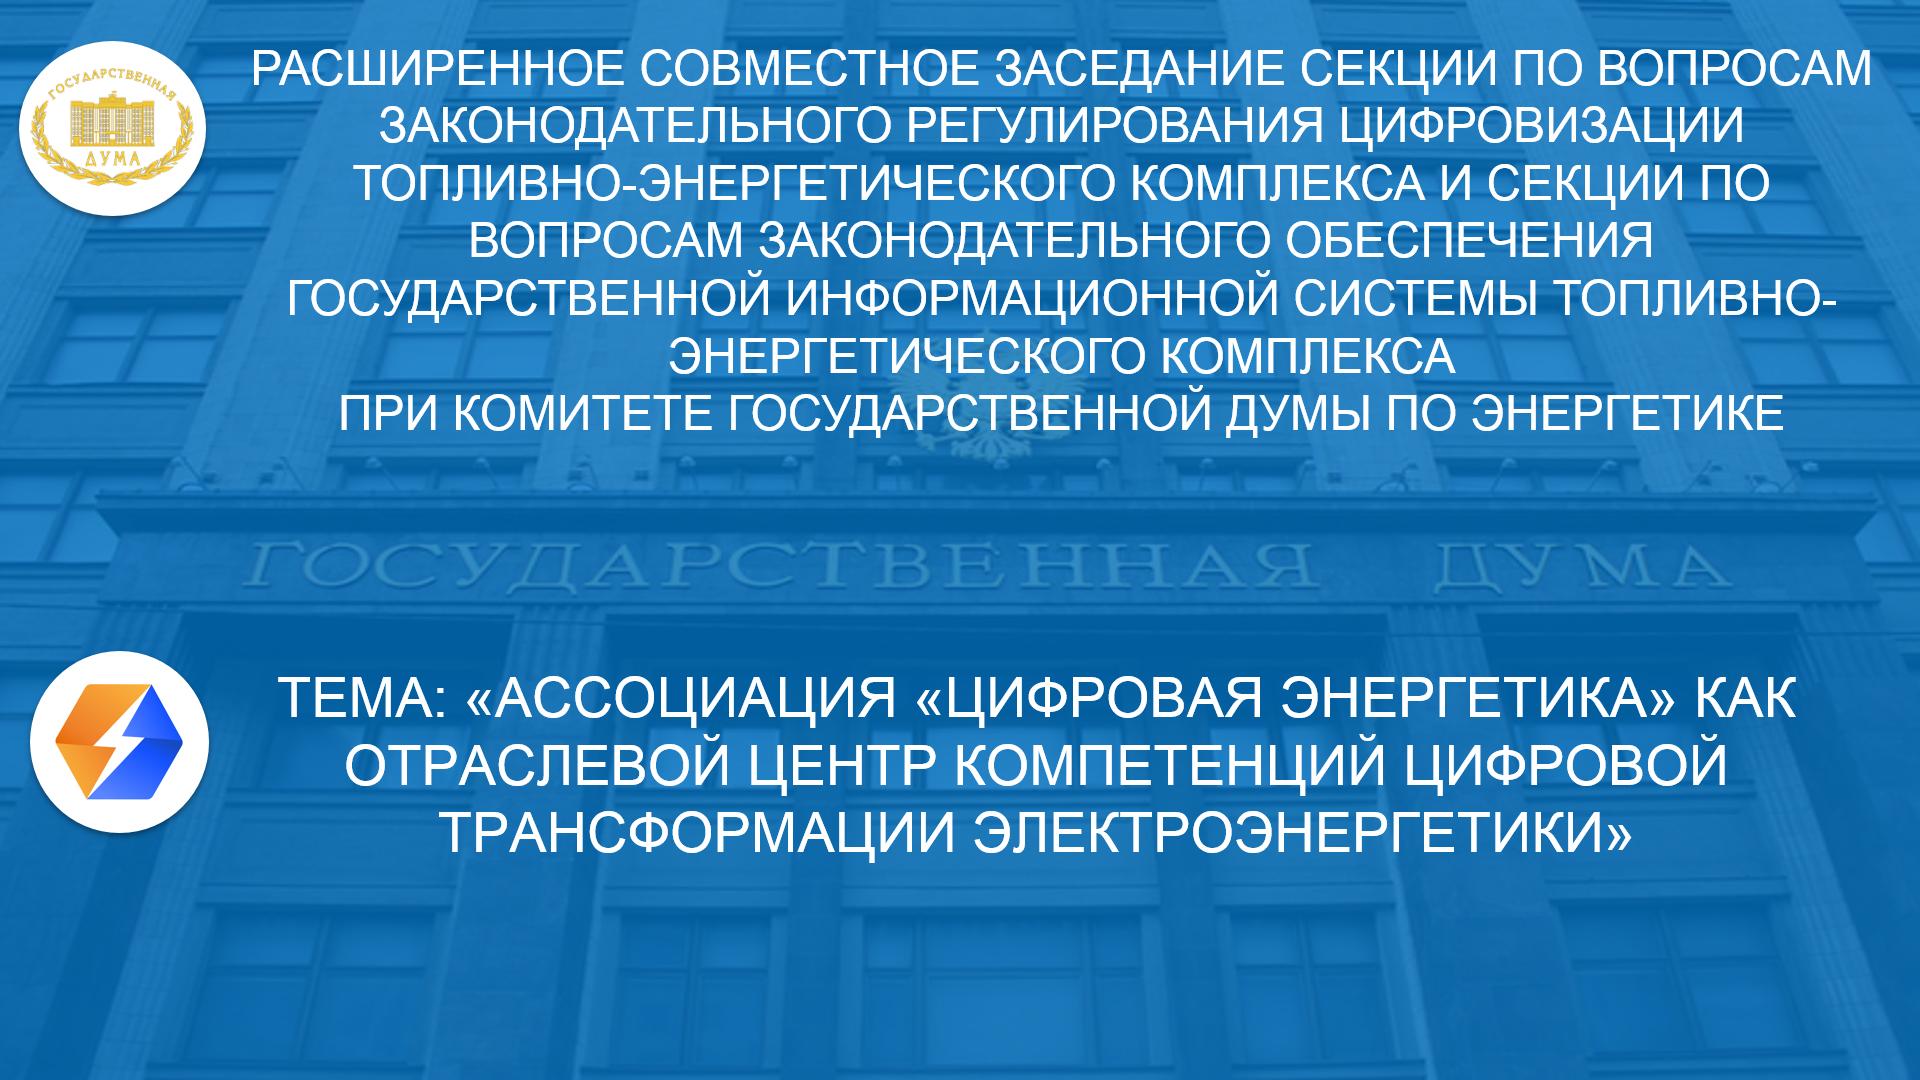 Опубликован протокол по итогам заседания Экспертного совета при Комитете Государственной Думы по энергетике на тему «Ассоциация «Цифровая энергетика» как отраслевой центр компетенций цифровой трансформации электроэнергетики»